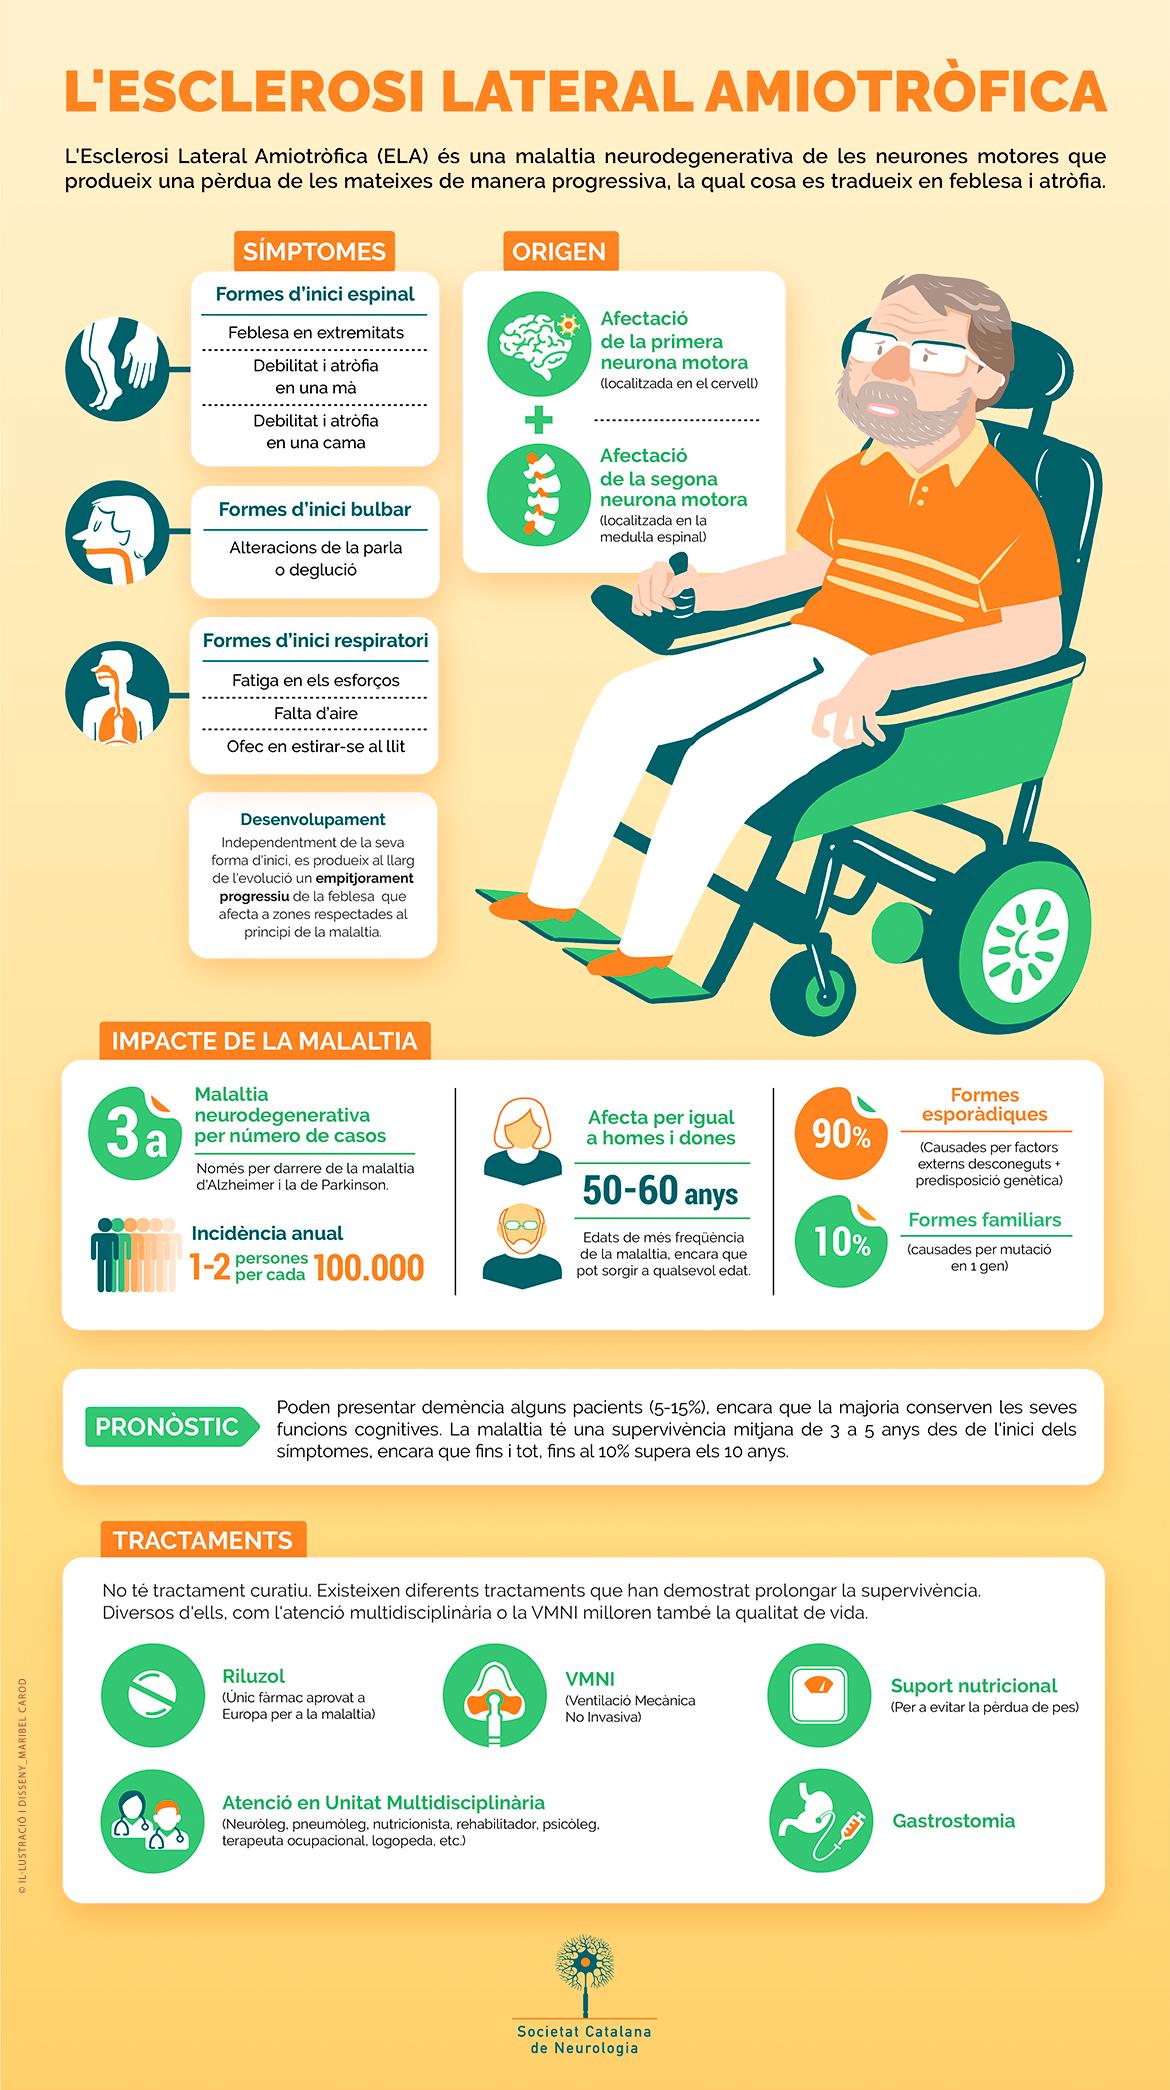 Infografia Dia Mundial de l'ELA - 21 de juny 2020 - Societat Catalana de Neurologia